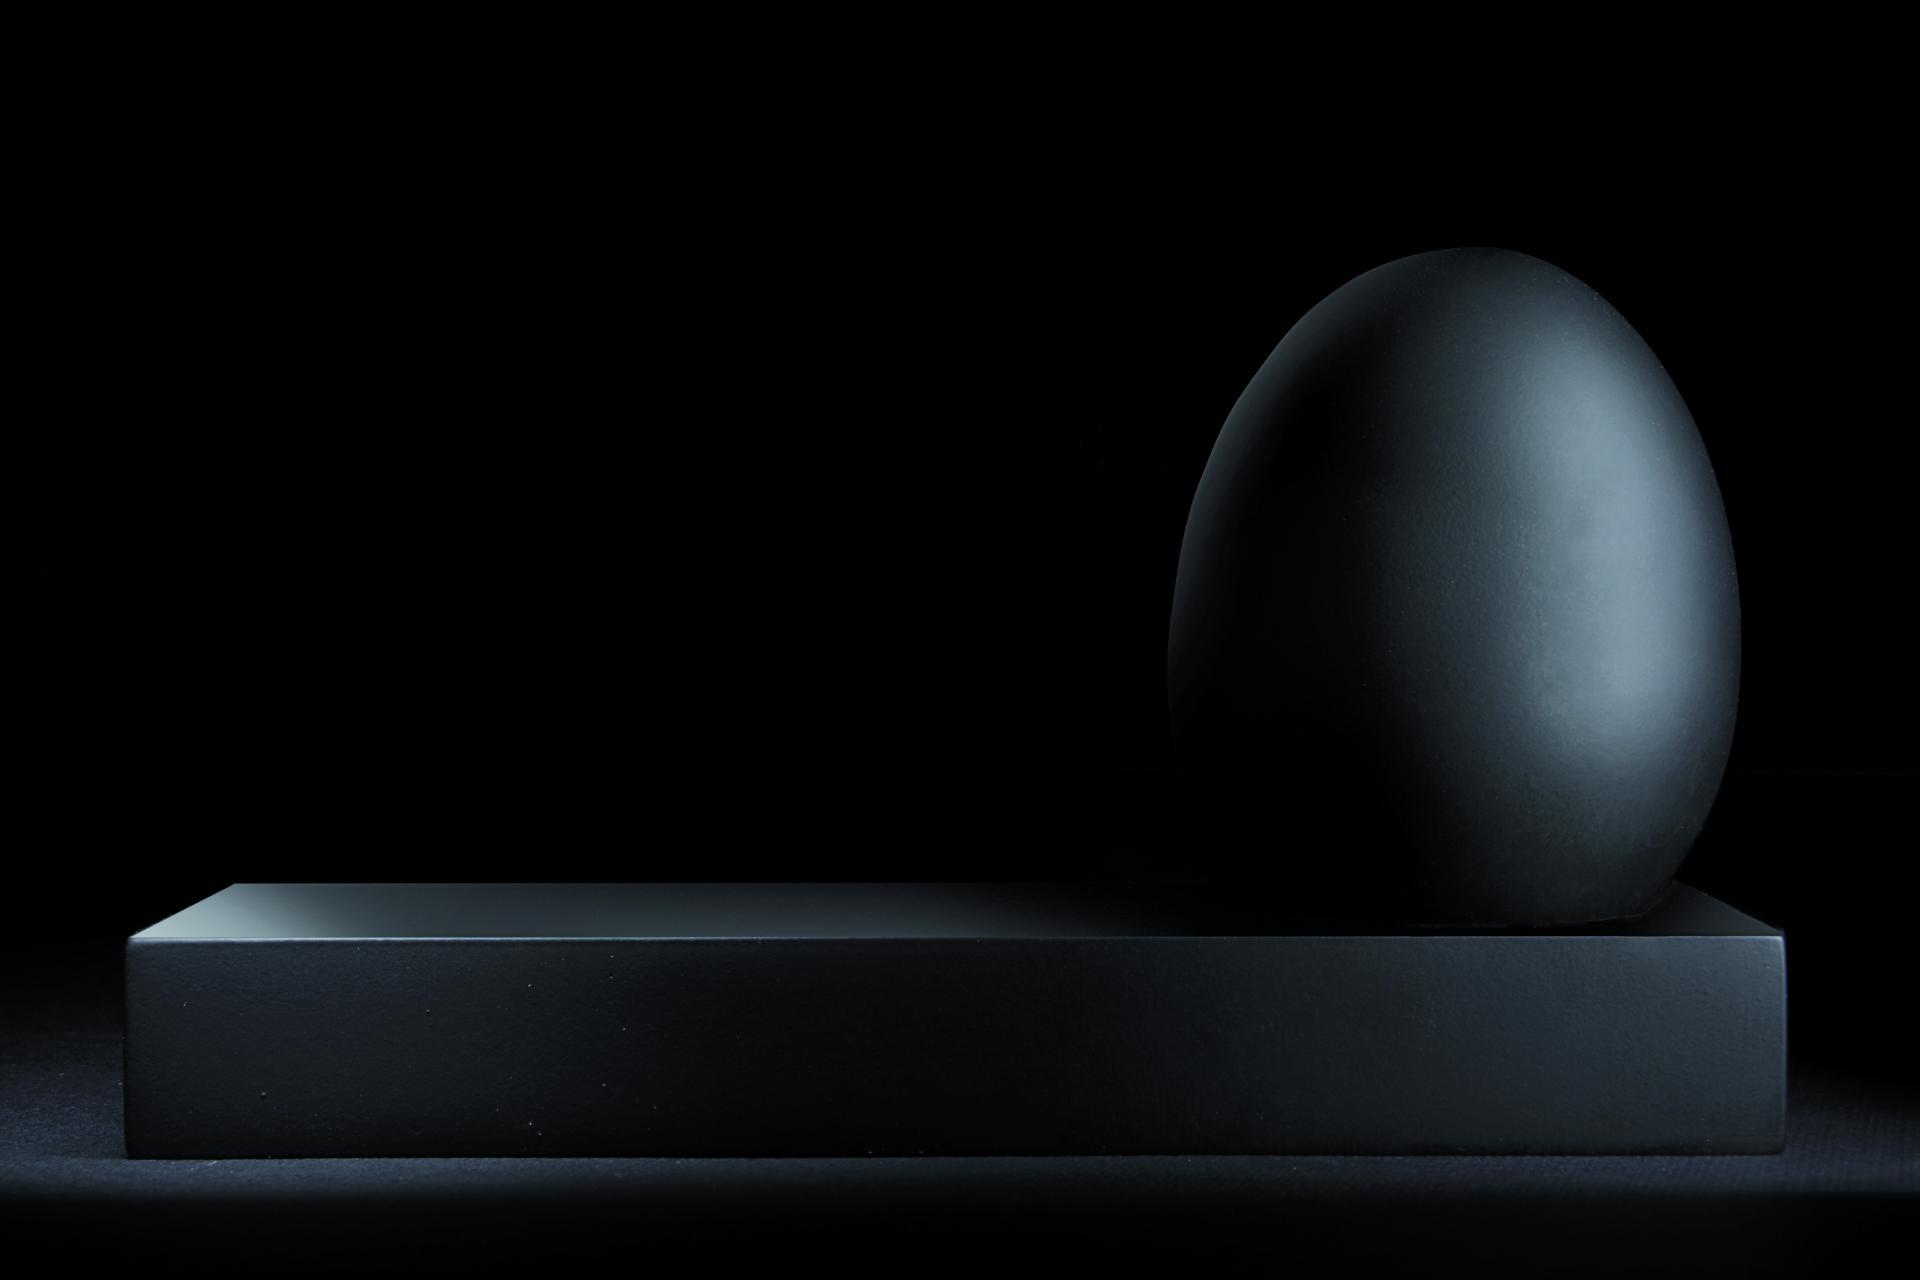 Ego, la memoria privata della nostra vita digitale (a forma di uovo)